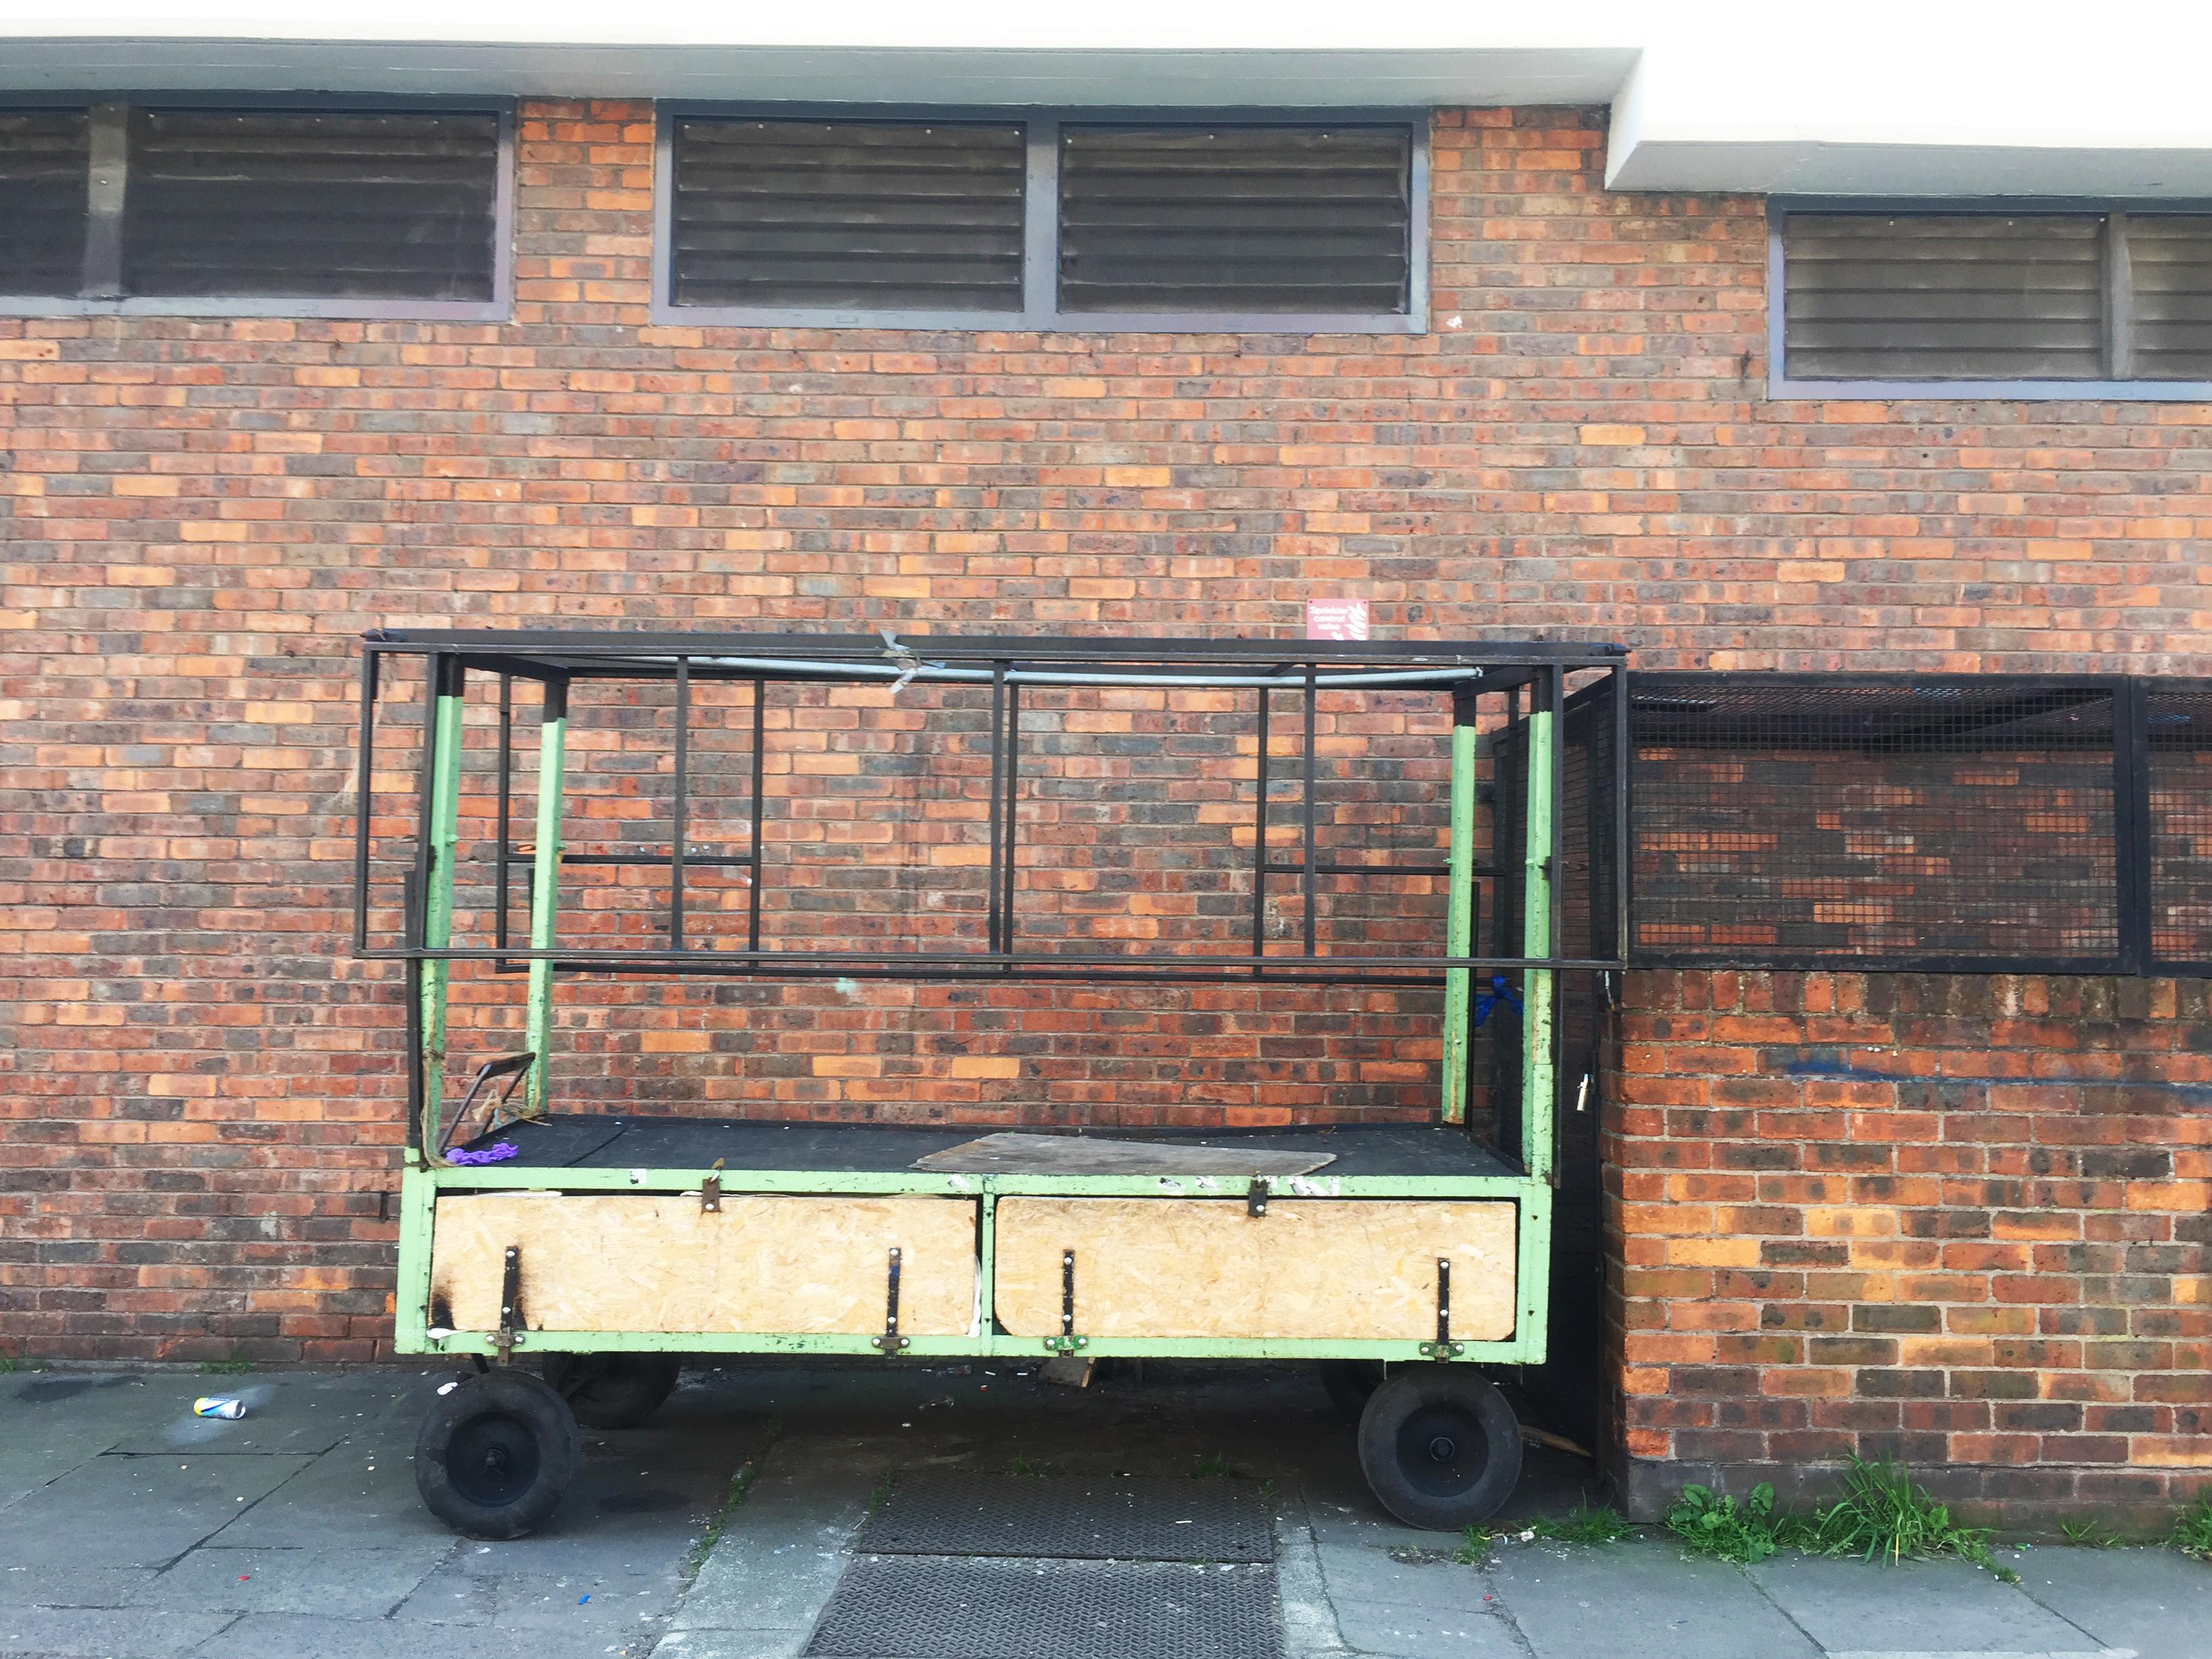 Watney Market trolley